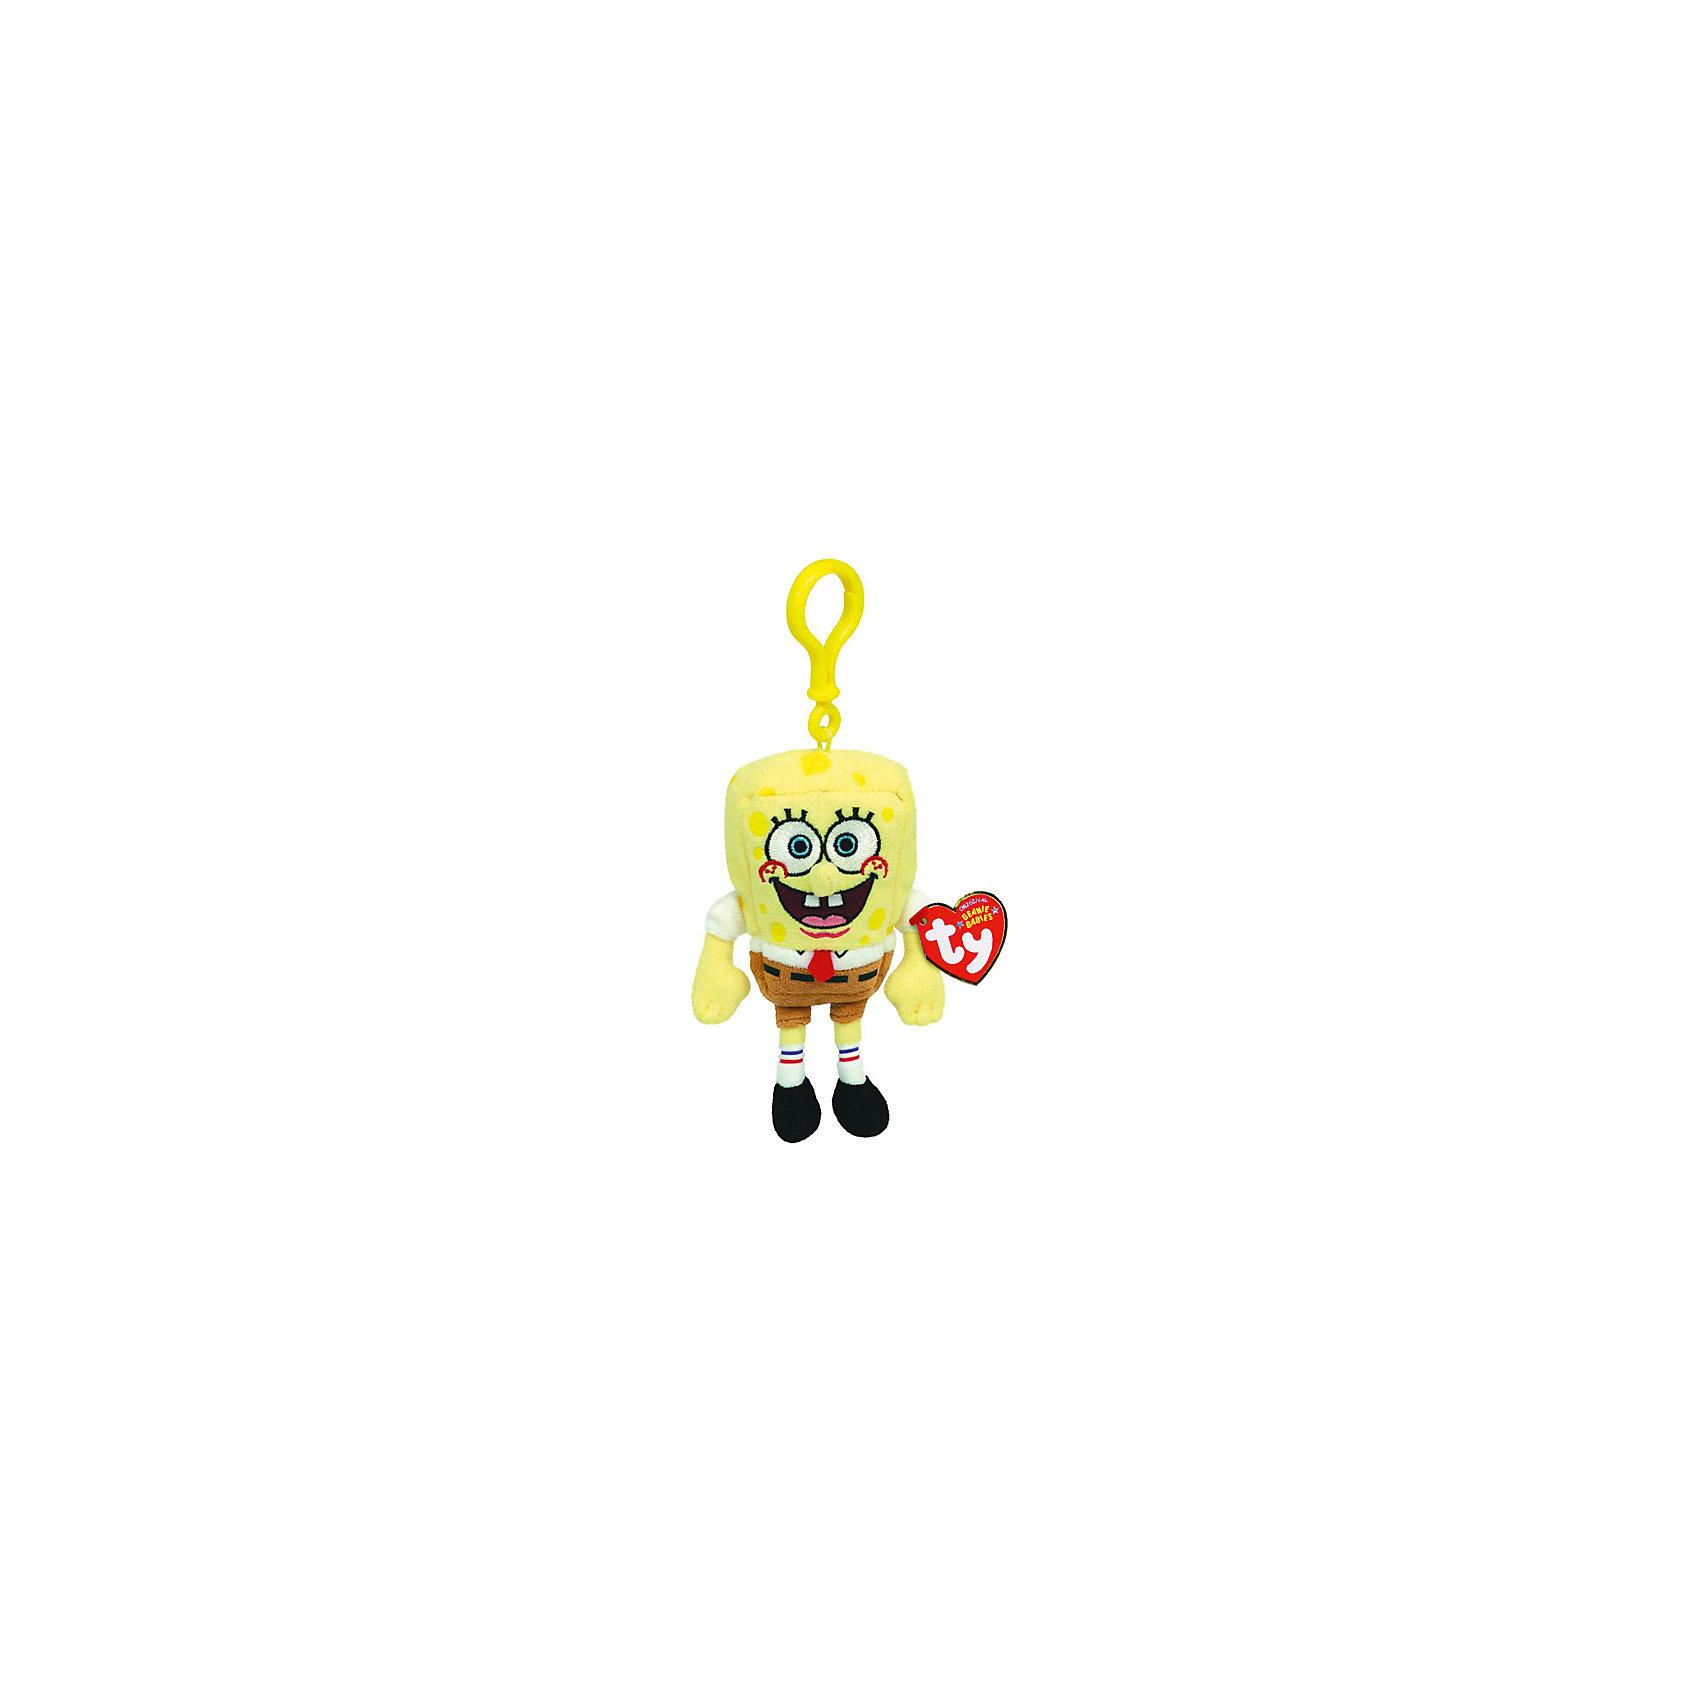 Игрушка Spongebob, 13 смИгрушка Spongebob, 13 см – игрушка от бренда TY Inc (ТАЙ Инкорпорейтед), знаменитого своими мягкими игрушками, в качестве наполнителя для которых используются гранулы. Губка Боб выполнен из качественного и гипоаллергенного плюша с коротким ворсом разных цветов. Внешний вид Губки Боба соотвествует своему прототипу. Используемые материалы делают игрушку прочной, устойчивой к изменению цвета и формы, ее разрешается стирать.<br>Игрушка Spongebob, 13 см TY Inc непременно станет любимой игрушкой для вашего ребенка, а уникальный наполнитель будет способствовать  не  только развитию мелкой моторики пальцев, но и оказывать релаксирующее воздействие. У игрушки имеется карабин, за счет чего ее можно прикреплять или подвешивать.<br><br>Дополнительная информация:<br><br>- Вид игр: сюжетно-ролевые игры, интерьерные игрушки, для коллекционирования<br>- Предназначение: для дома<br>- Материал: искусственный мех, пластик, наполнитель ? гранулы<br>- Высота: 13 см<br>- Особенности ухода: разрешается стирка<br>Подробнее:<br><br>• Для детей в возрасте: от 3 лет <br>• Страна производитель: Китай<br>• Торговый бренд: TY Inc <br><br>Игрушку Spongebob, 13 см можно купить в нашем интернет-магазине.<br><br>Ширина мм: 130<br>Глубина мм: 60<br>Высота мм: 40<br>Вес г: 150<br>Возраст от месяцев: 36<br>Возраст до месяцев: 2147483647<br>Пол: Унисекс<br>Возраст: Детский<br>SKU: 4936262